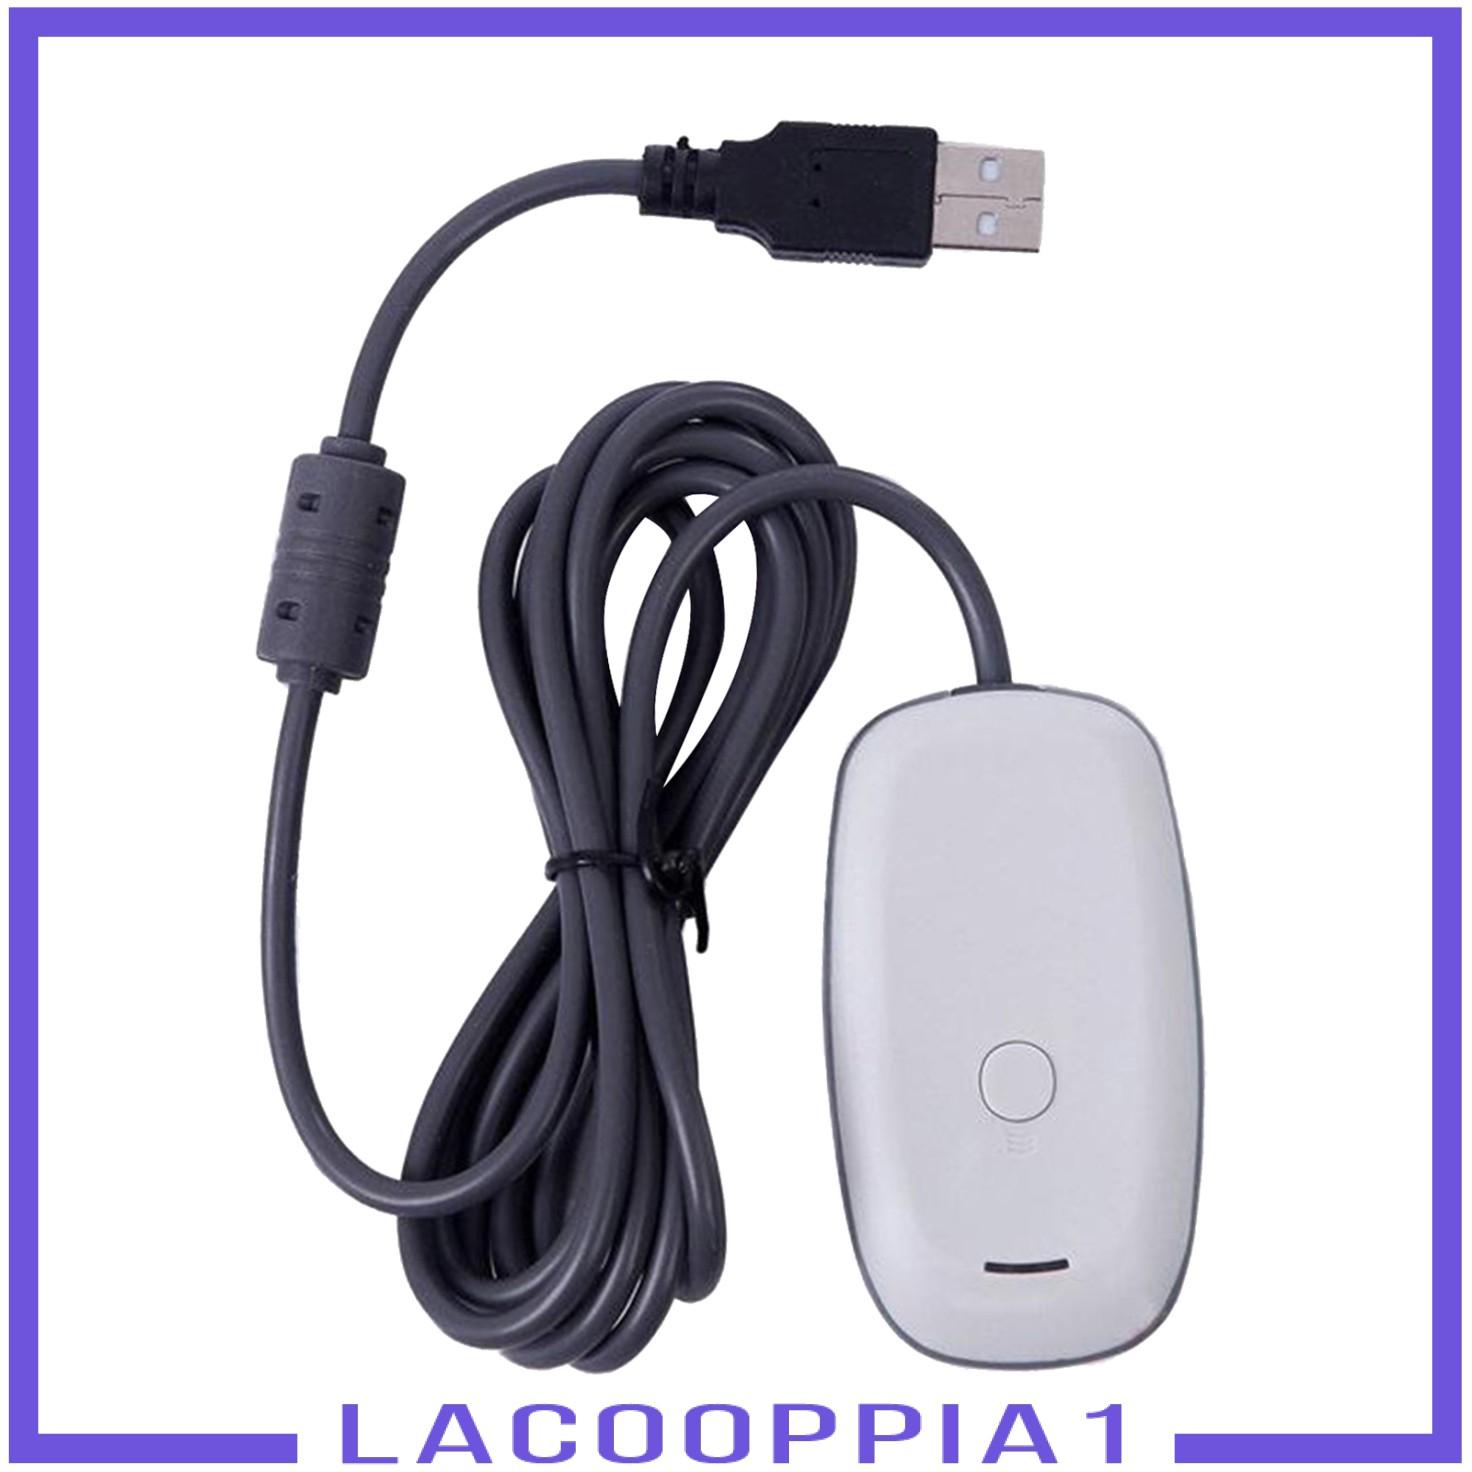 [LACOOPPIA1]適用於Xbox 360的無線遊戲手柄PC USB接收器